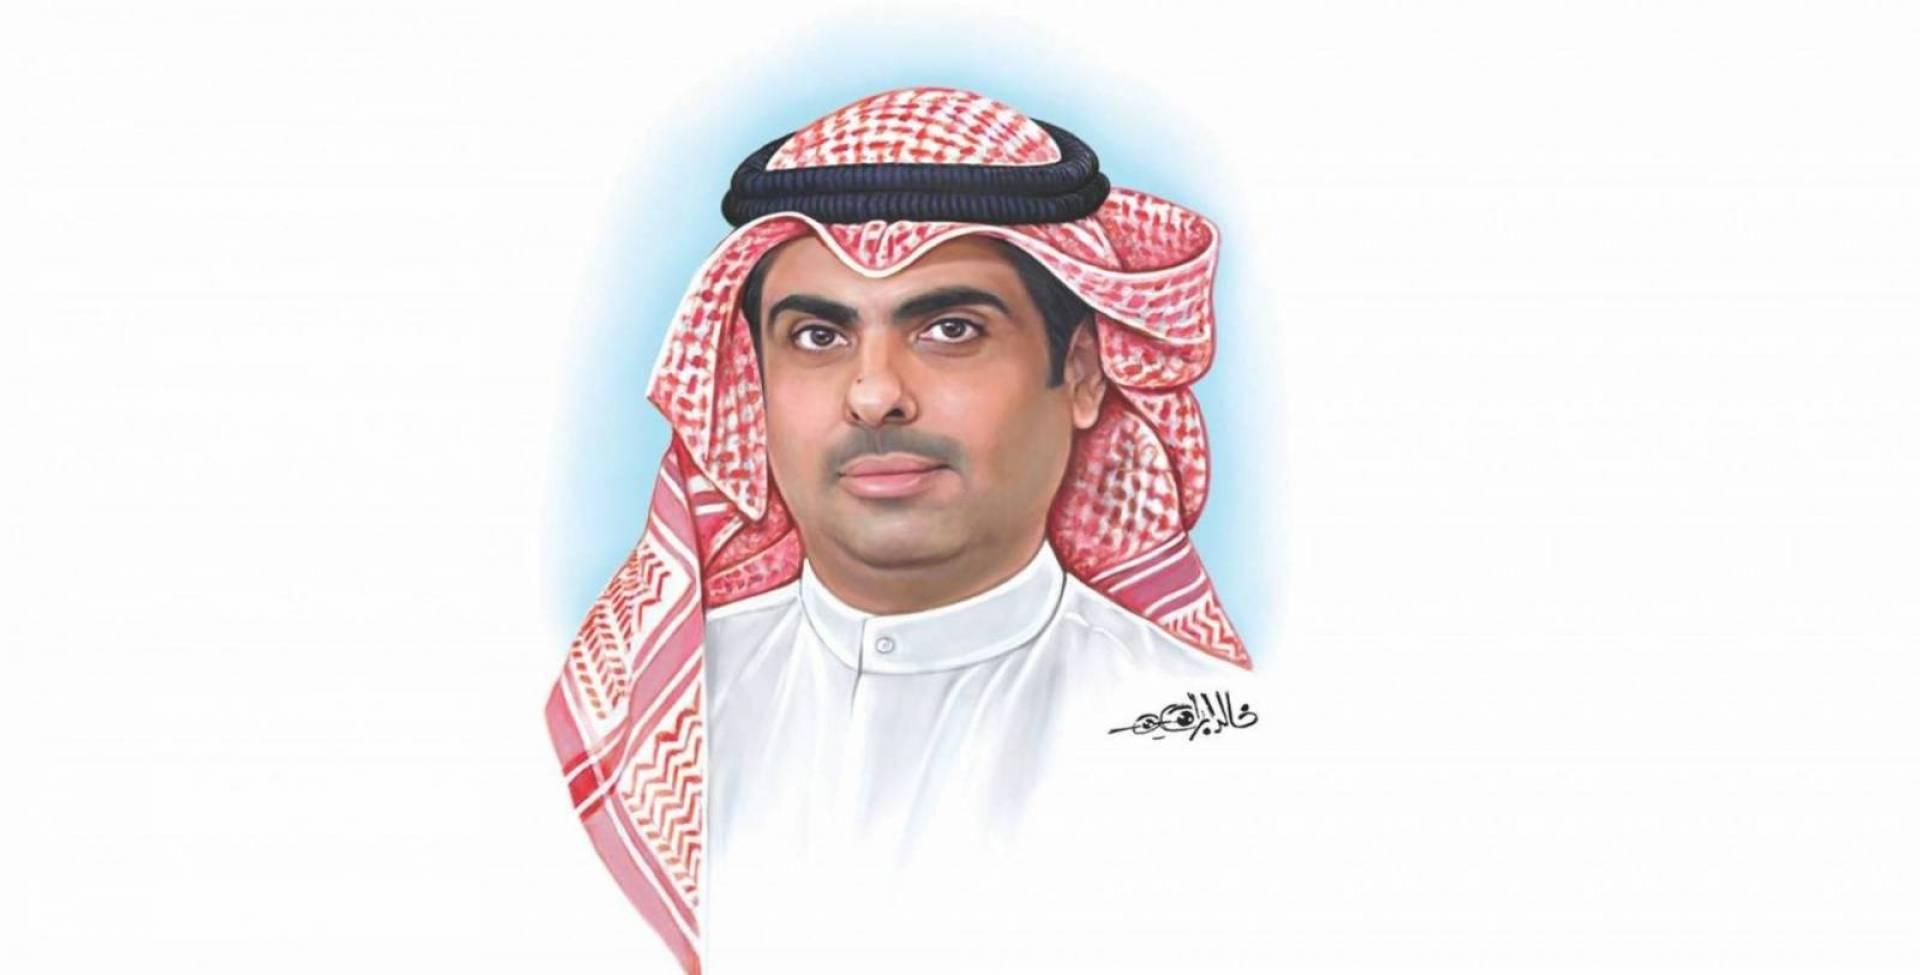 العدساني يُطالب بإلغاء الرواتب الاستثنائية لأعضاء مجلس الأمة